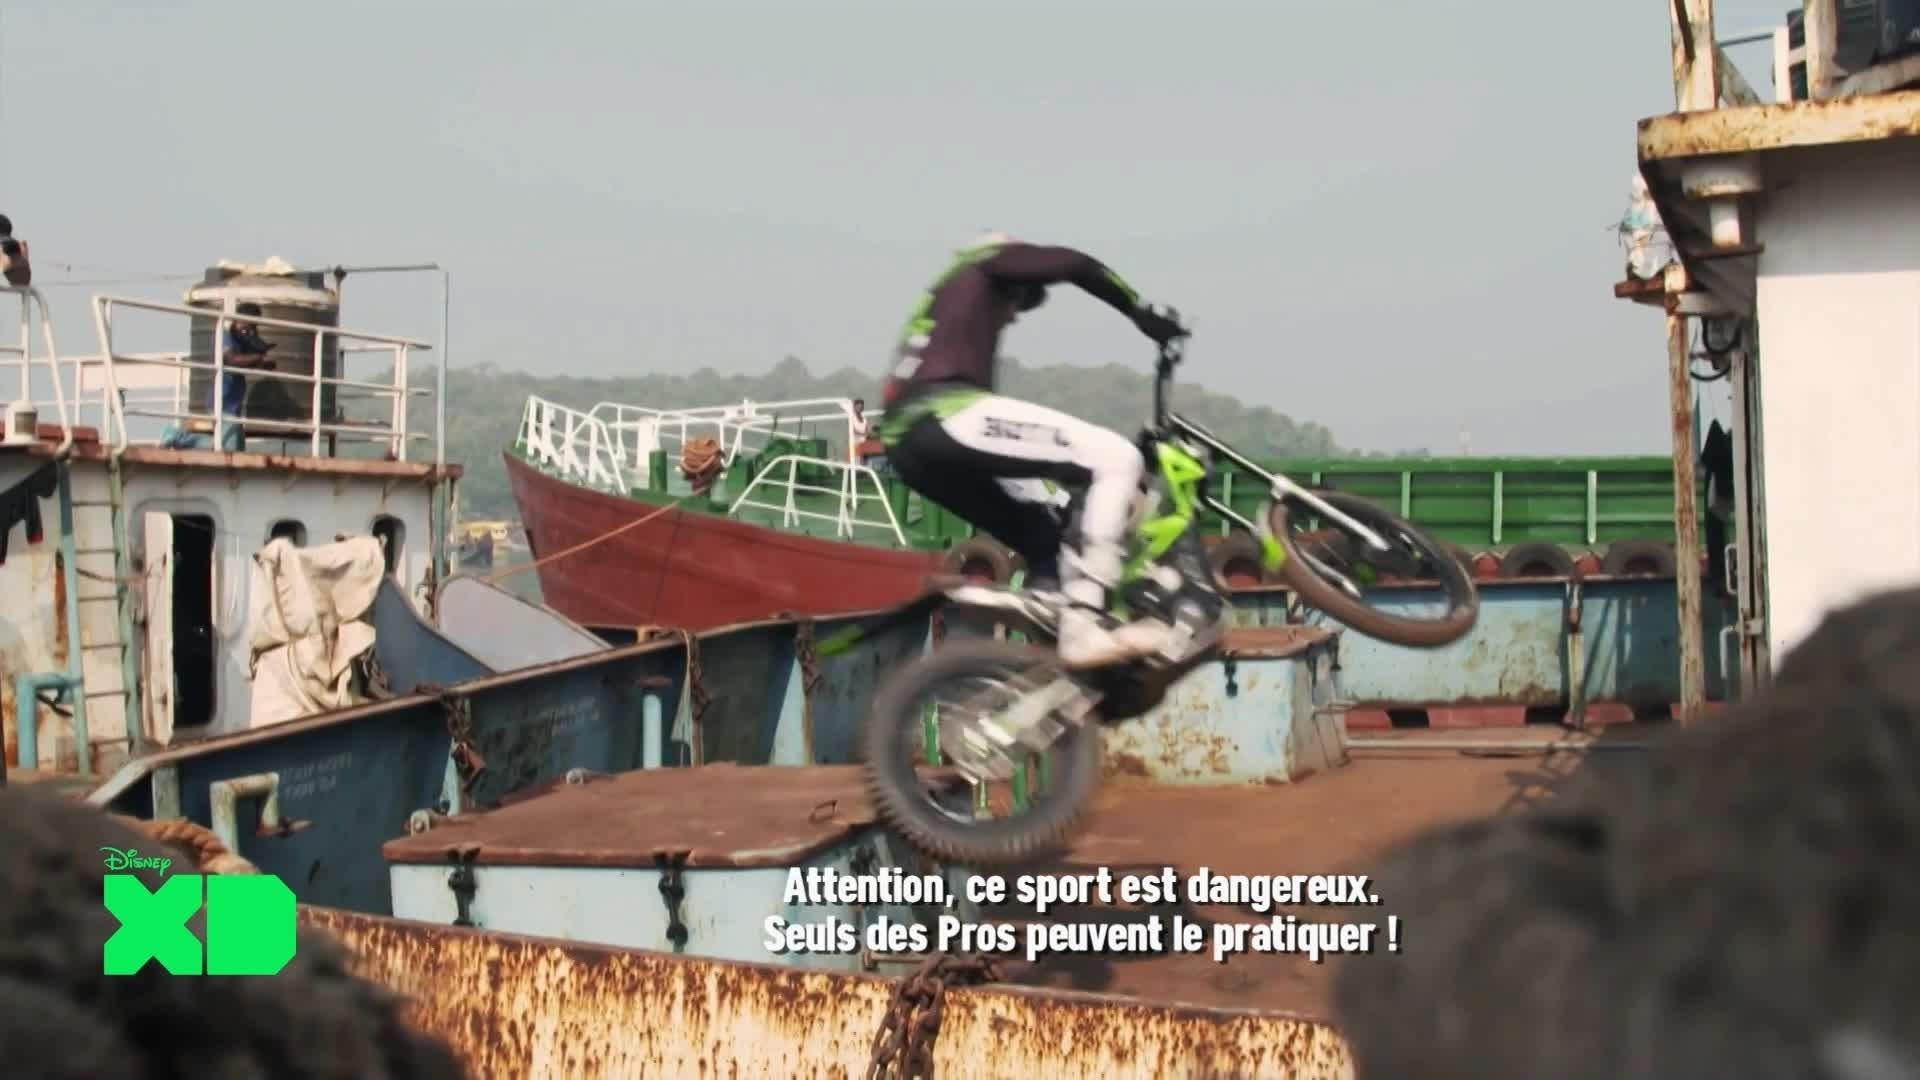 Disney XD Sport News - Inde : Moto Trial / Autriche : Aviation